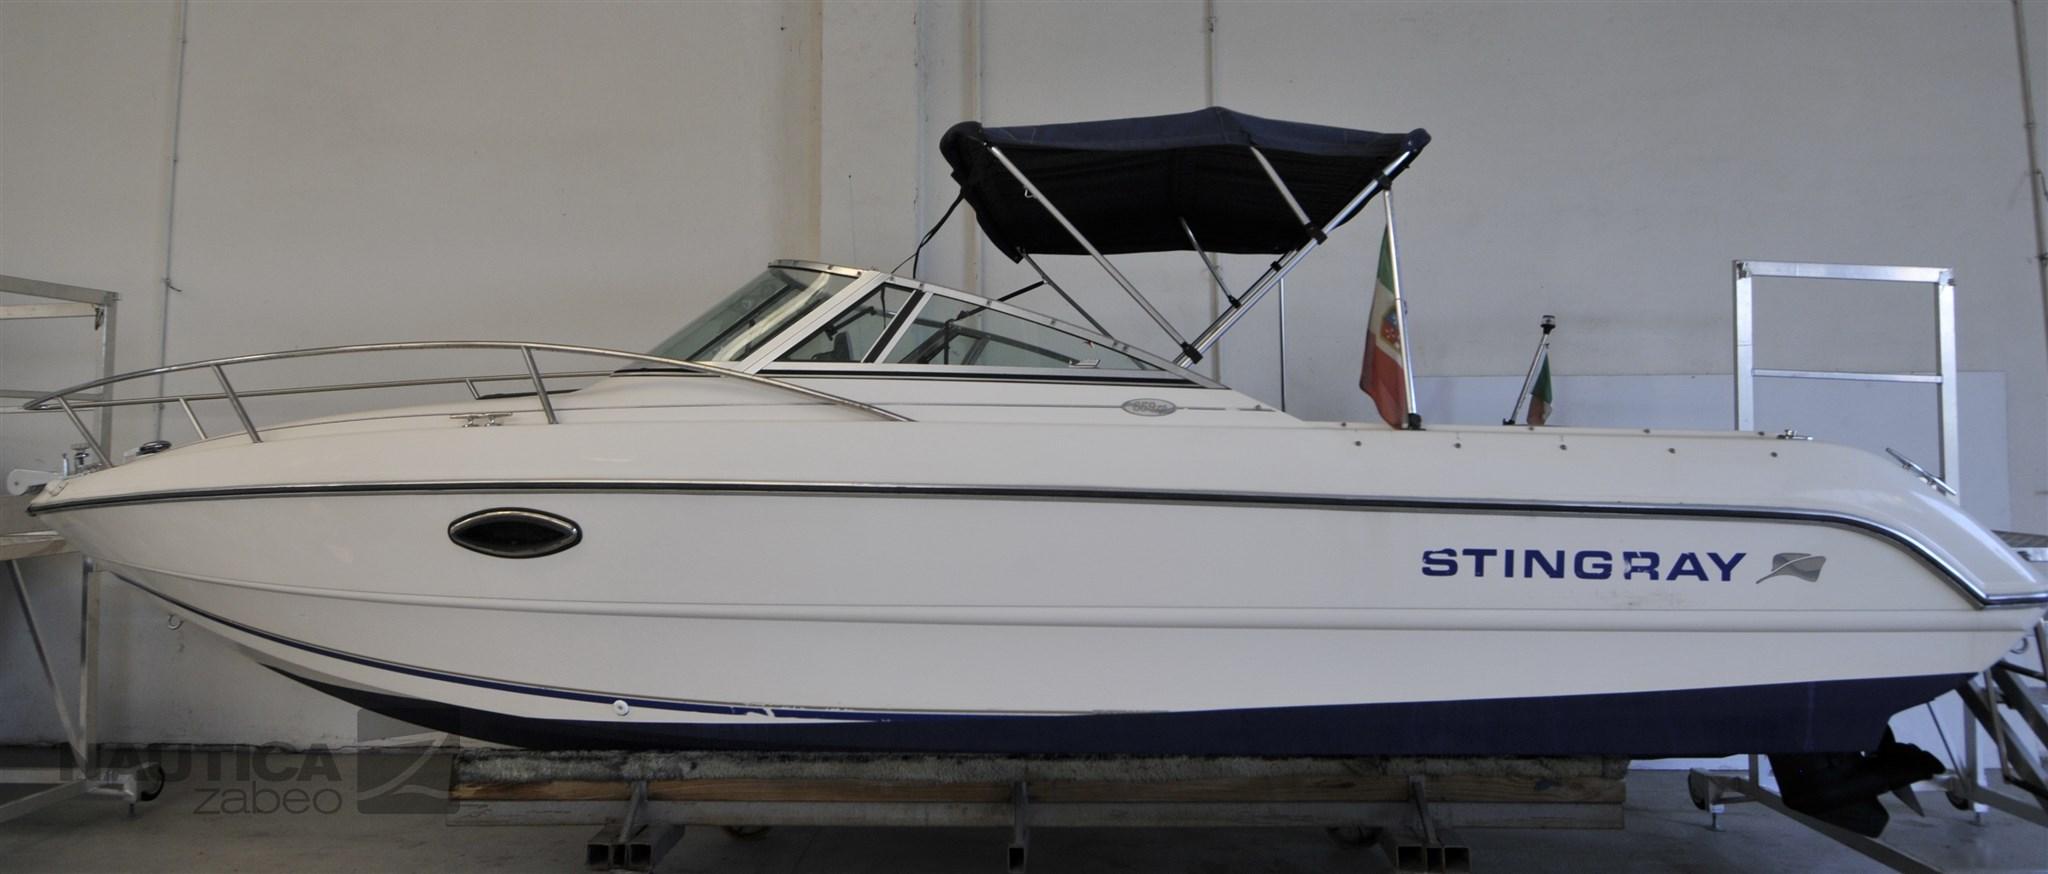 Stingray 659 Subito - 01